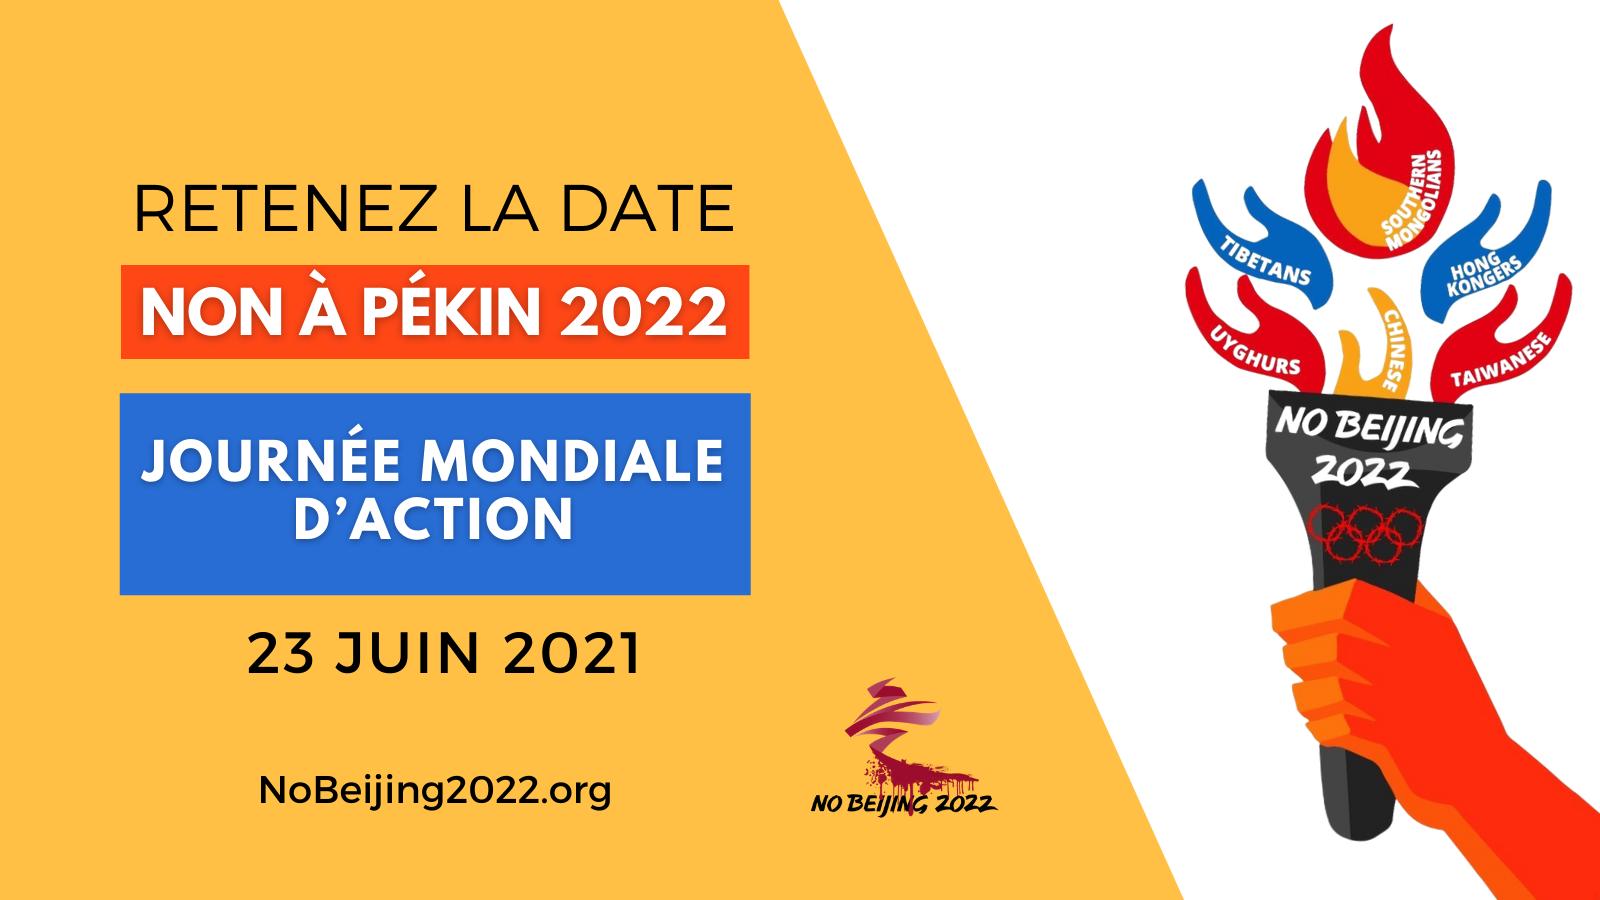 Non a Pekin 2022